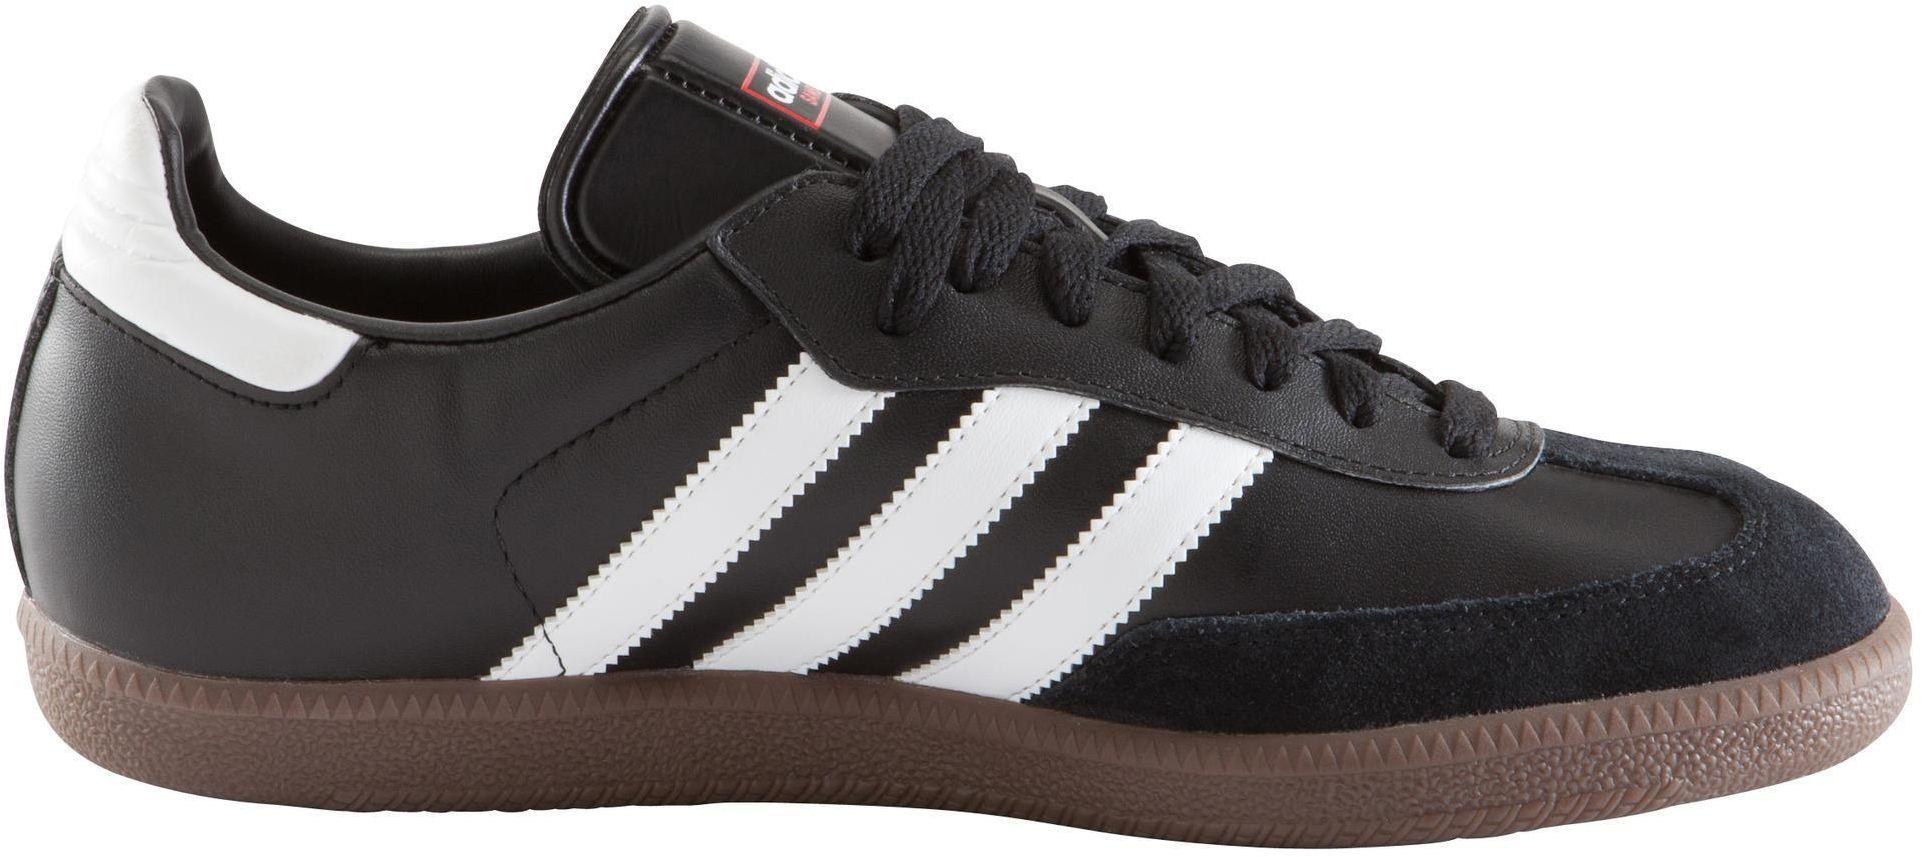 Buty halowe do piłki nożnej dla dorosłych Adidas Samba